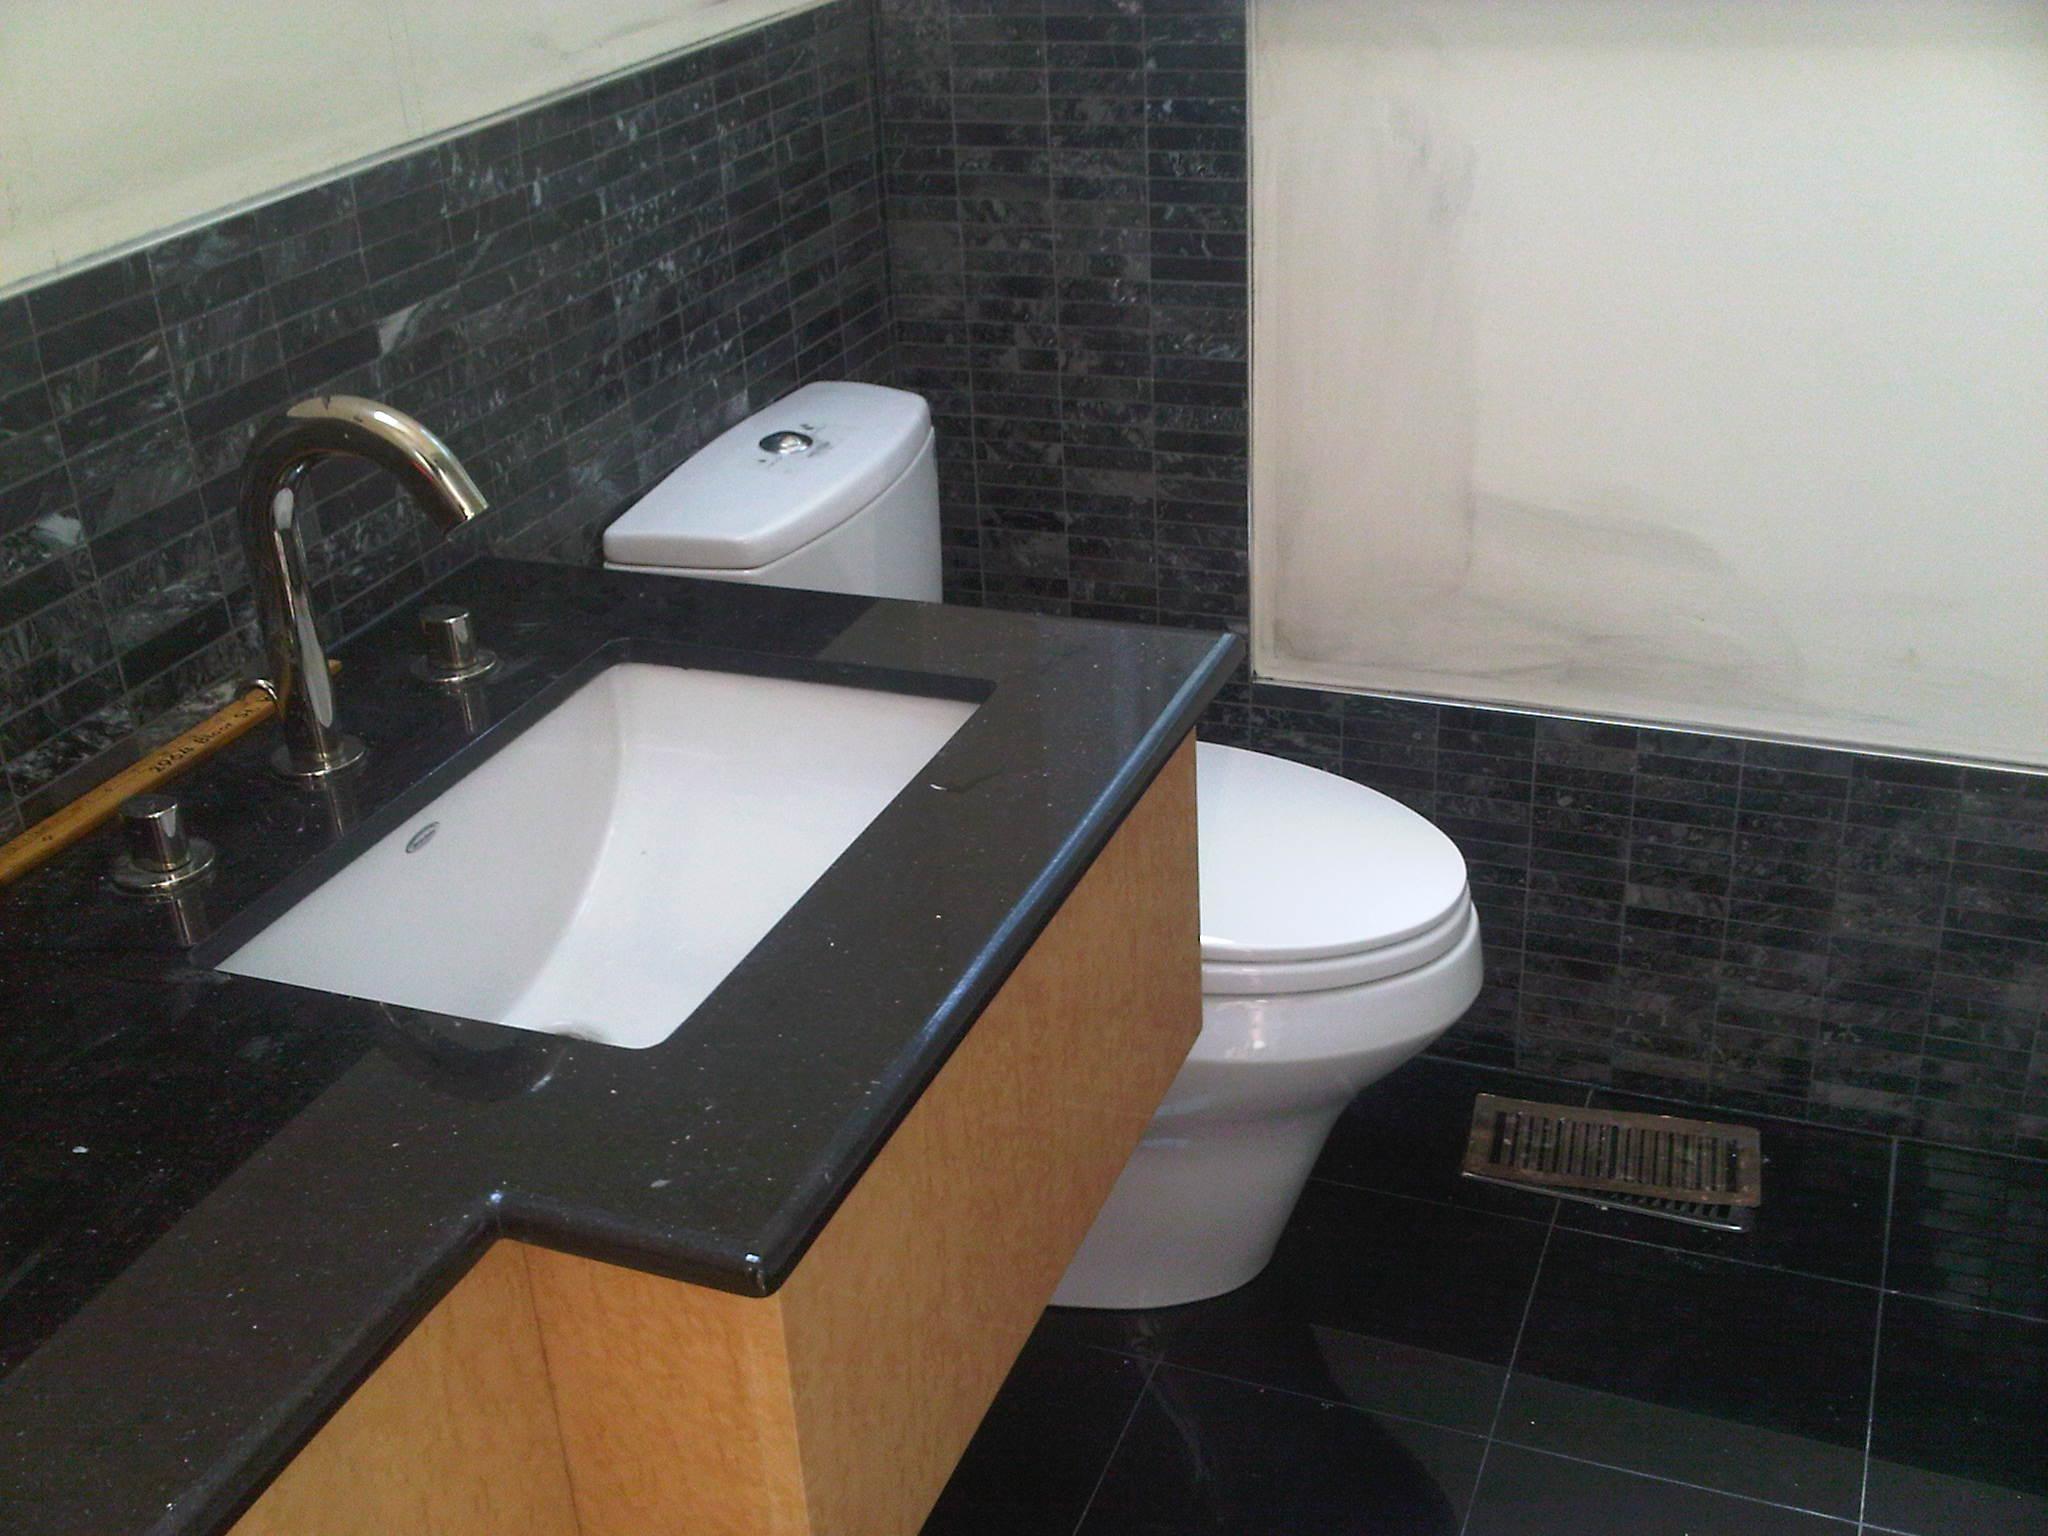 coustom sink and back splash right side